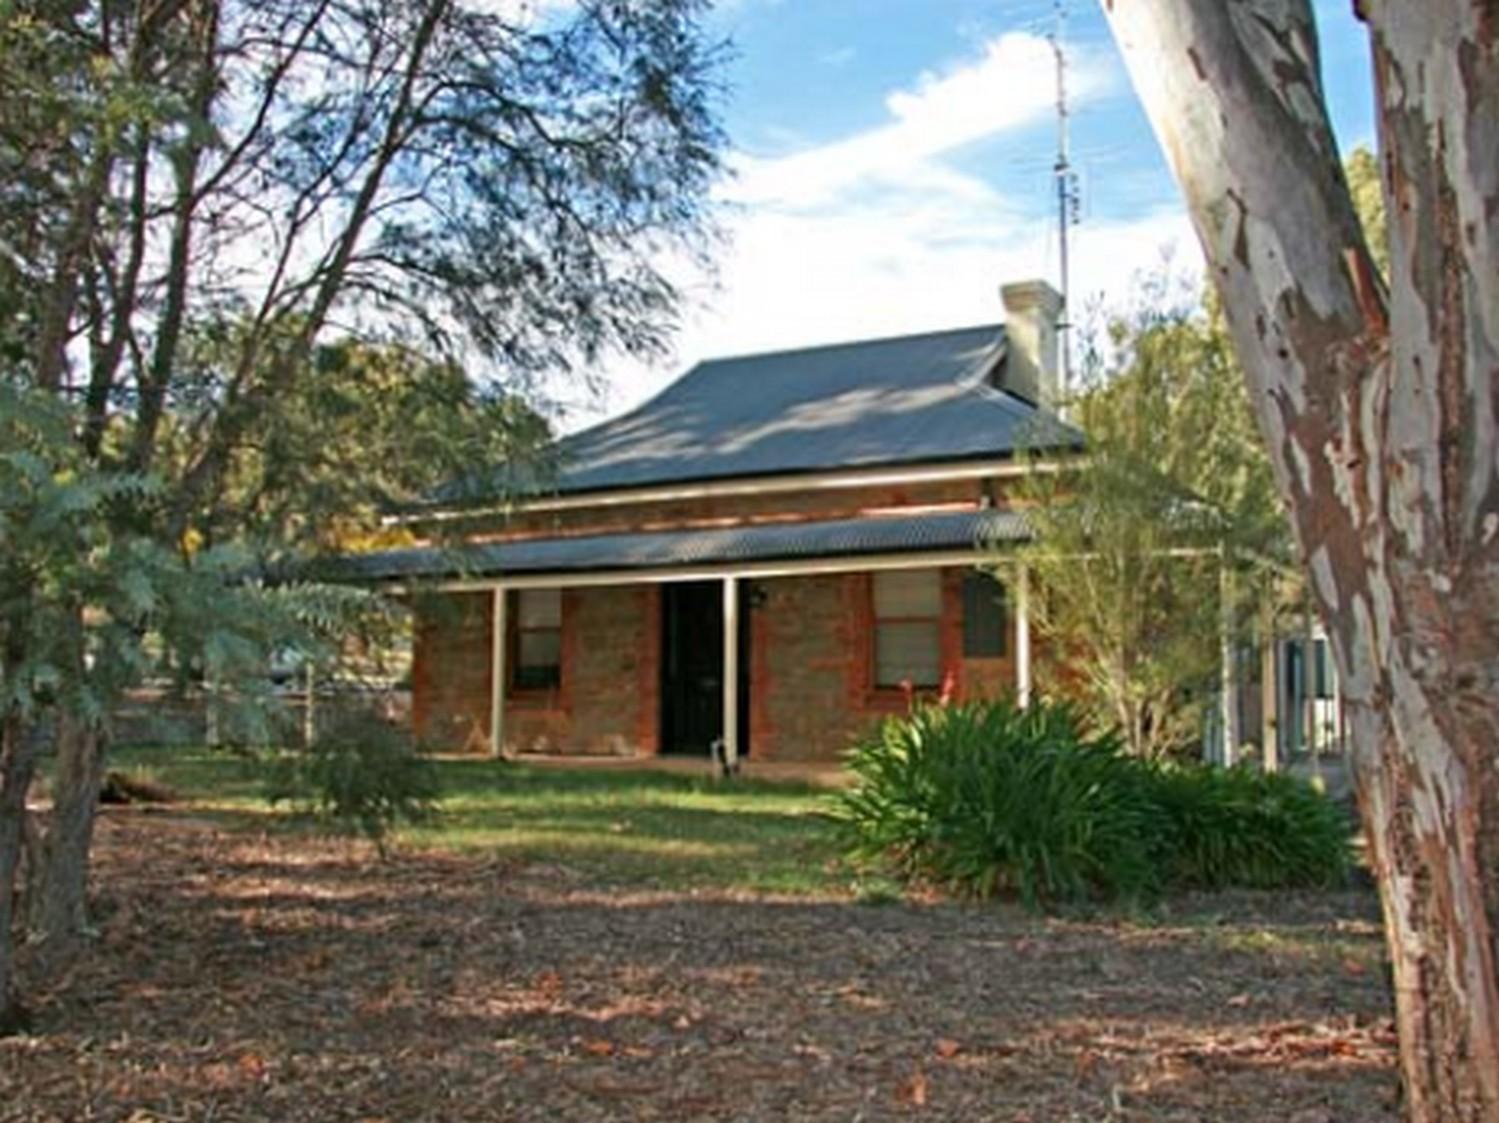 Cooke Cottage